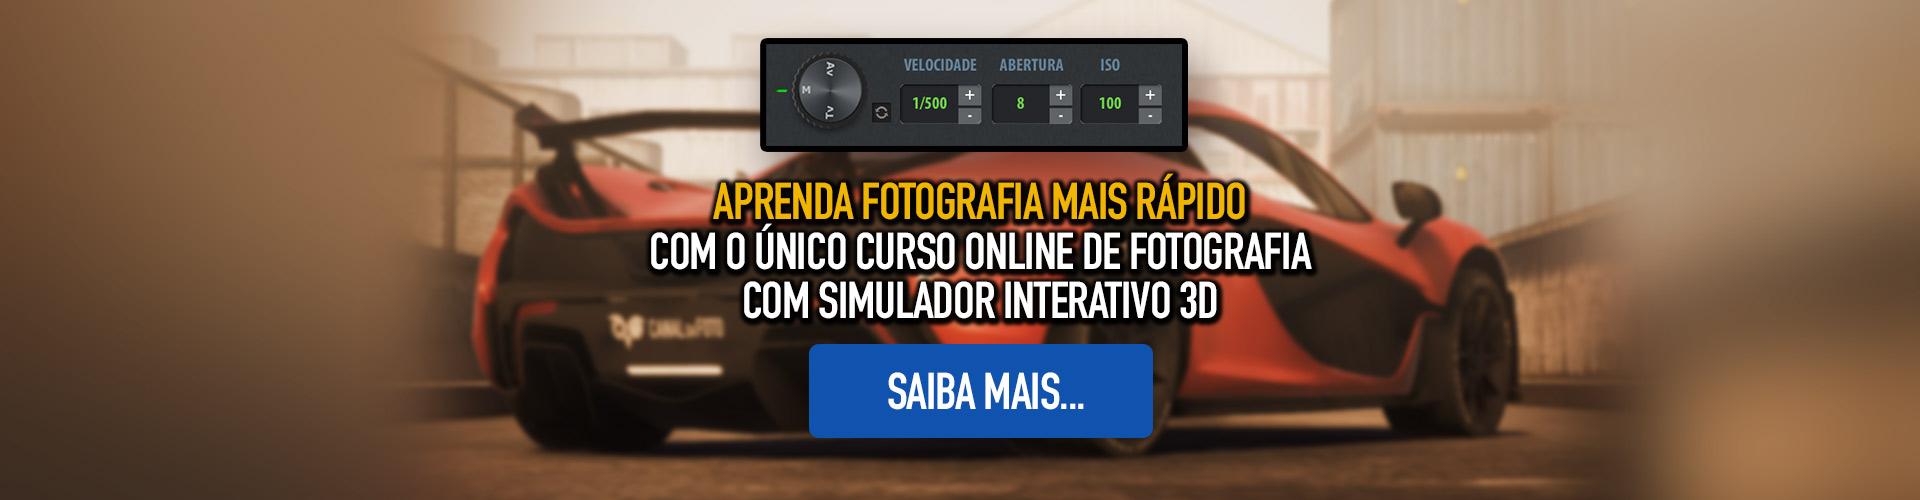 simulador-3d-de-fotografia–melhor-curso-de-fotografia-em-portugues-canal-da-foto